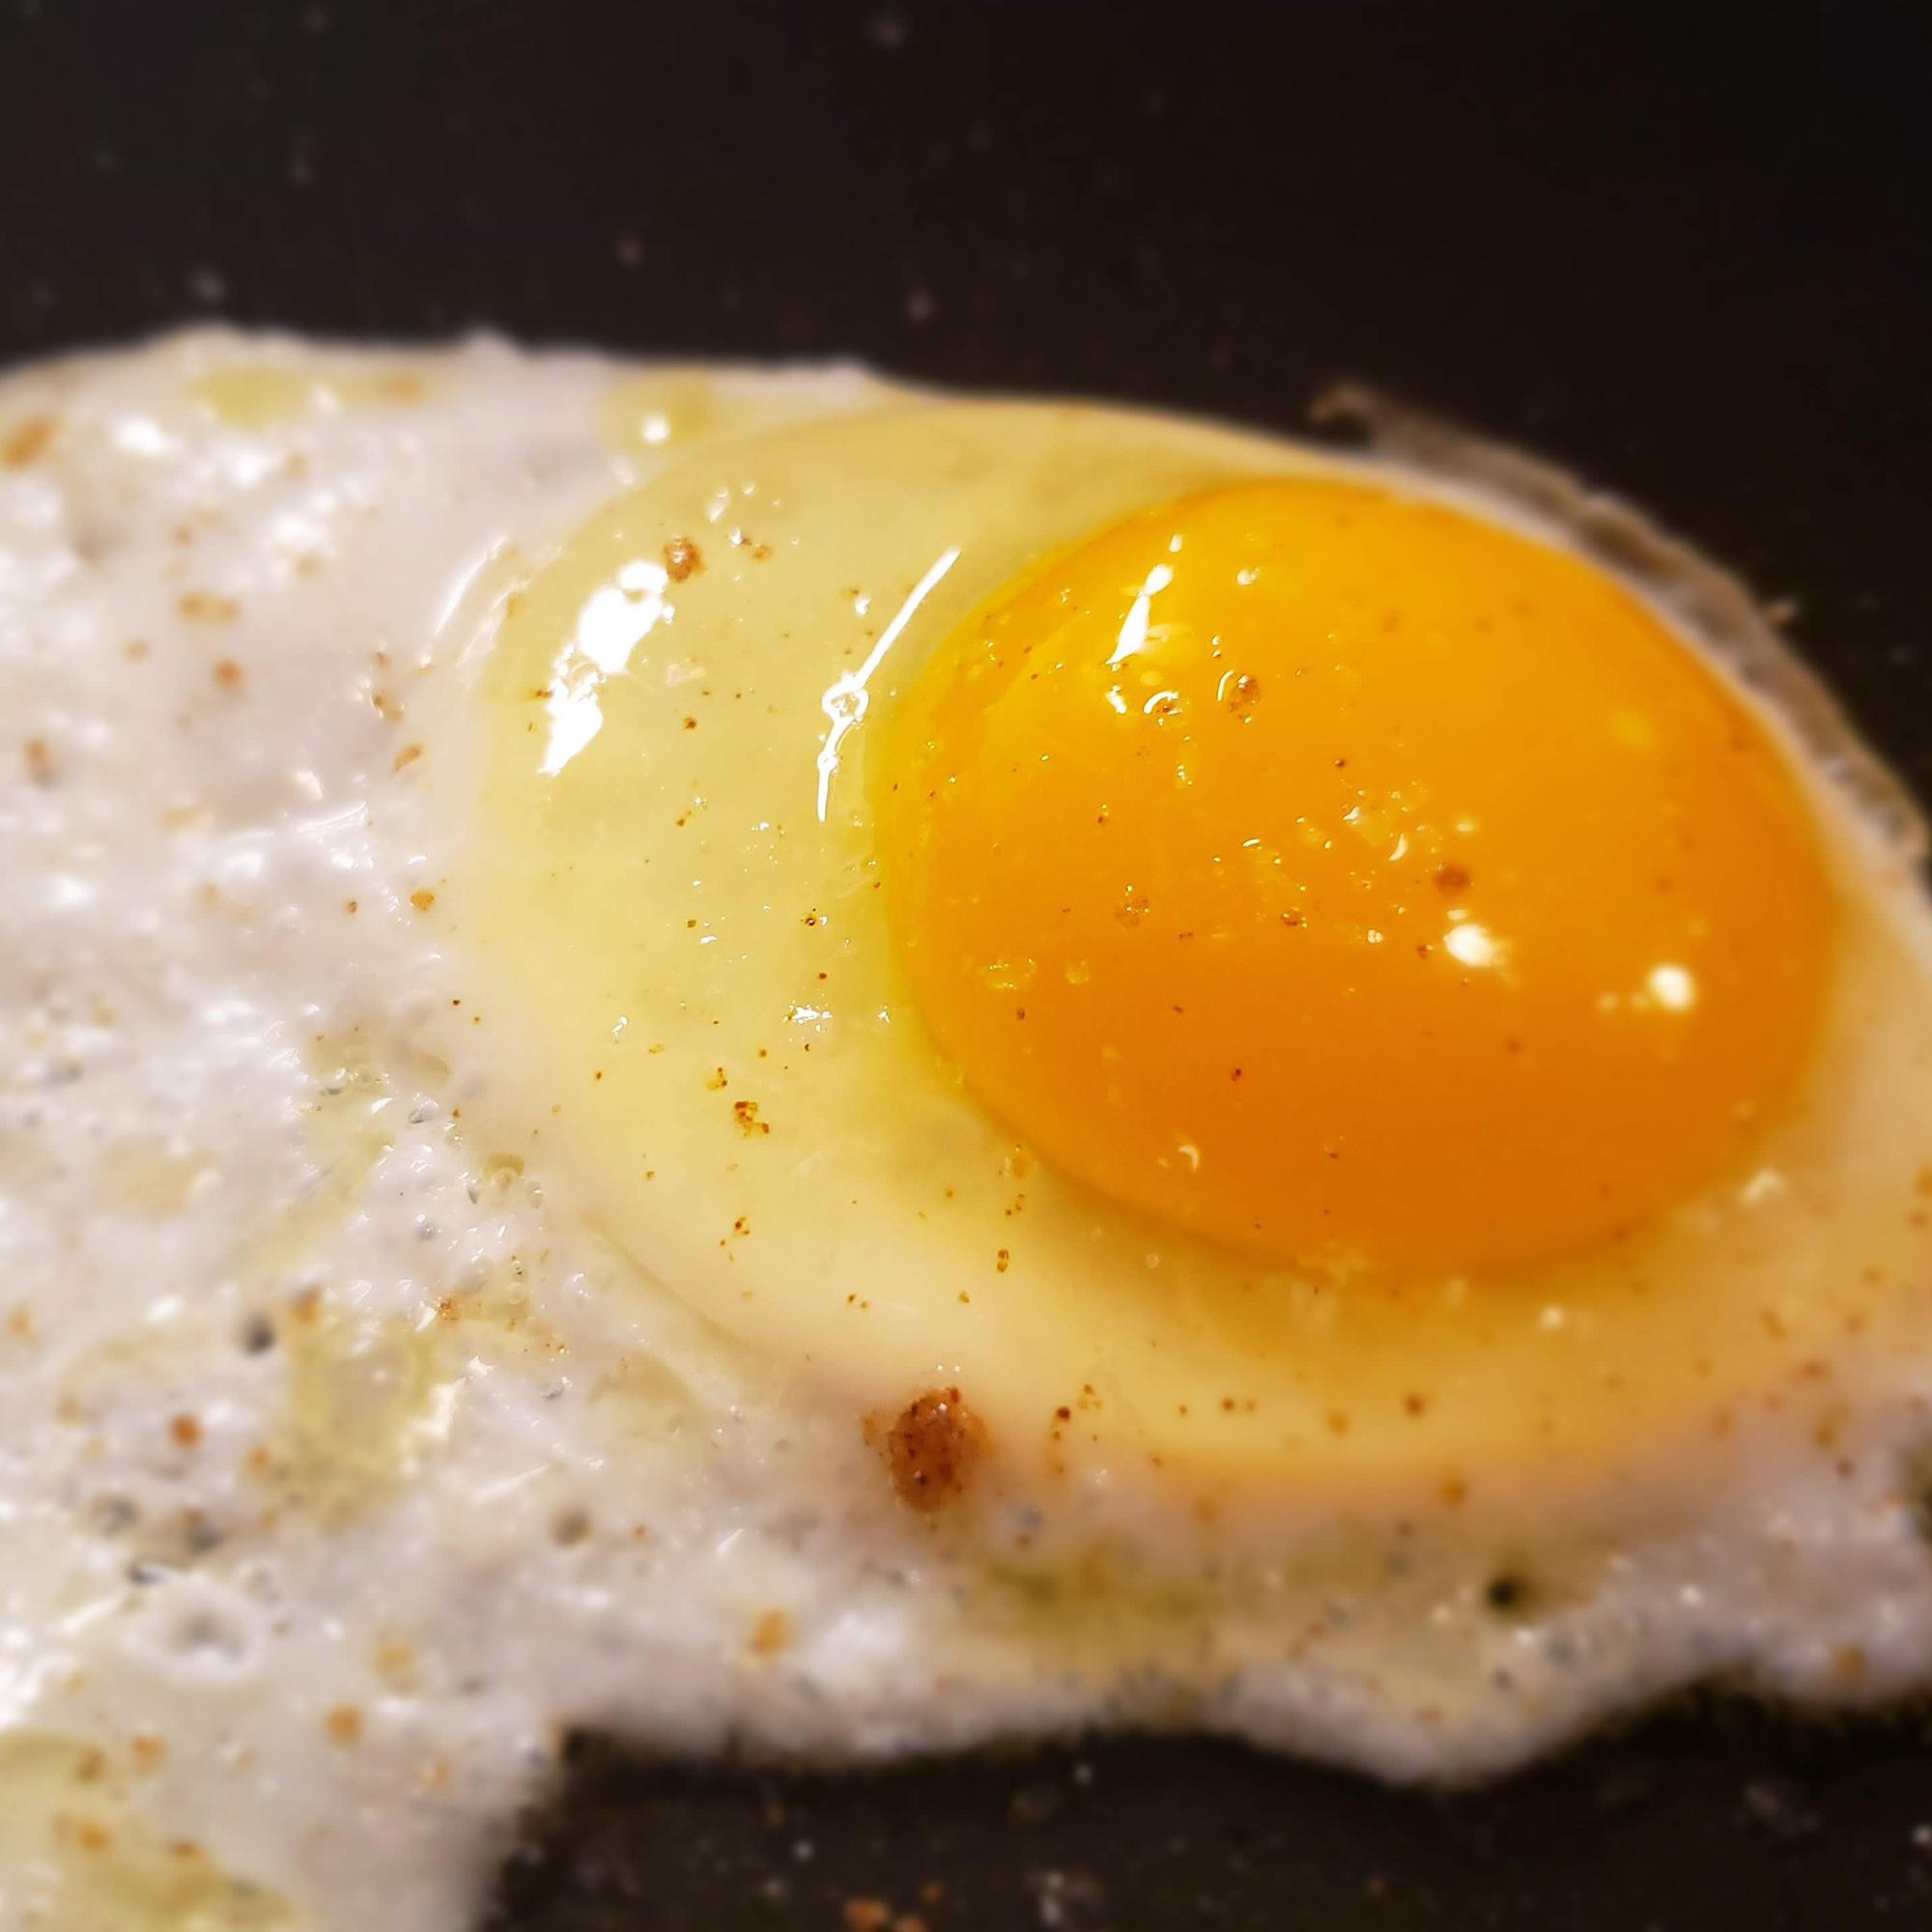 Egg frying in a skillet